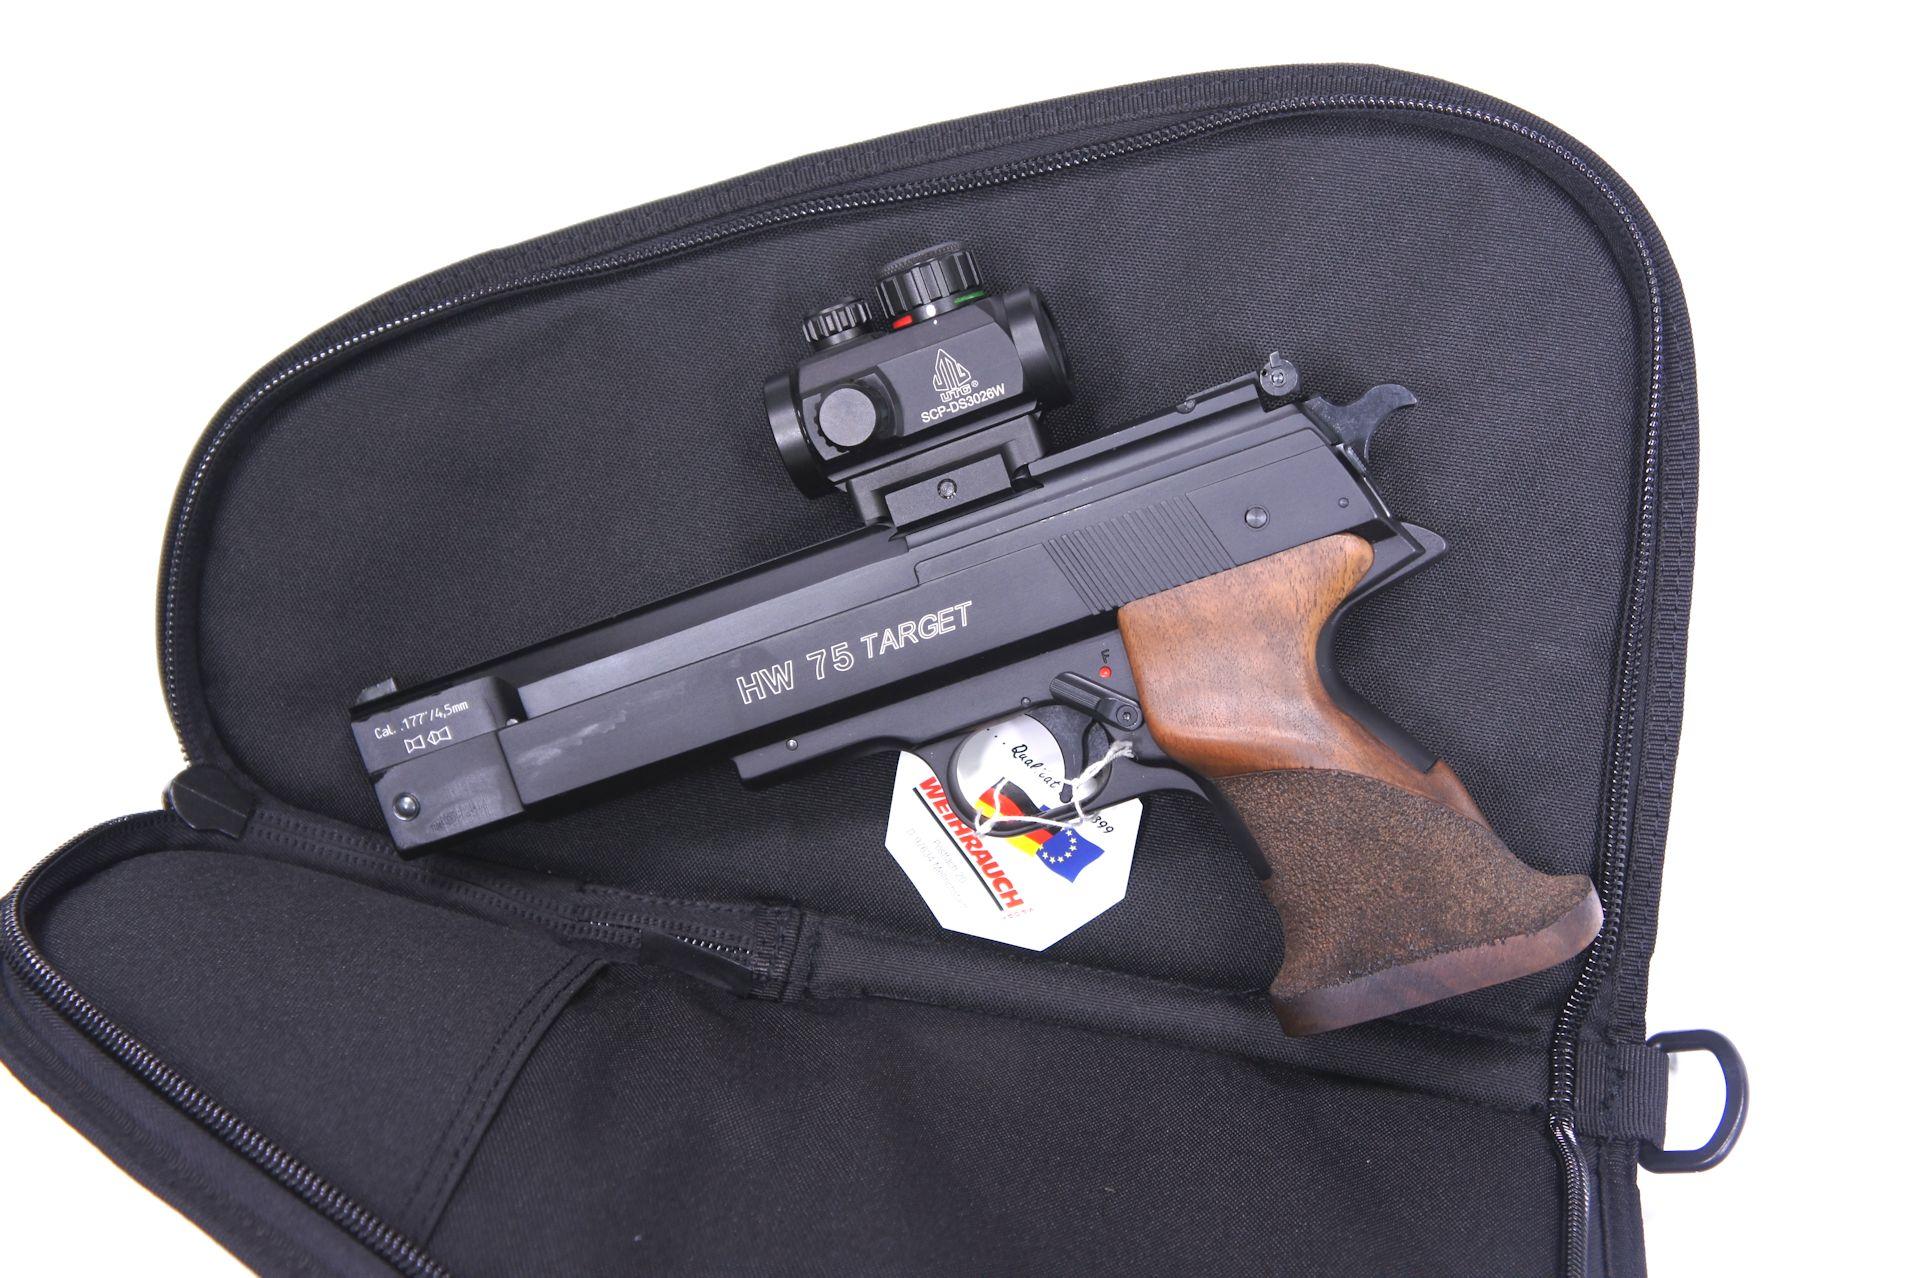 Anwendungsbeispiel / Die Tasche im Größenvergleich mit <a href=1160060-45.htm>Luftpistole HW 75 Target</a> und aufgesetztem <a href=1130221.htm>Leuchtpunktvisier der Marke UTG</a>